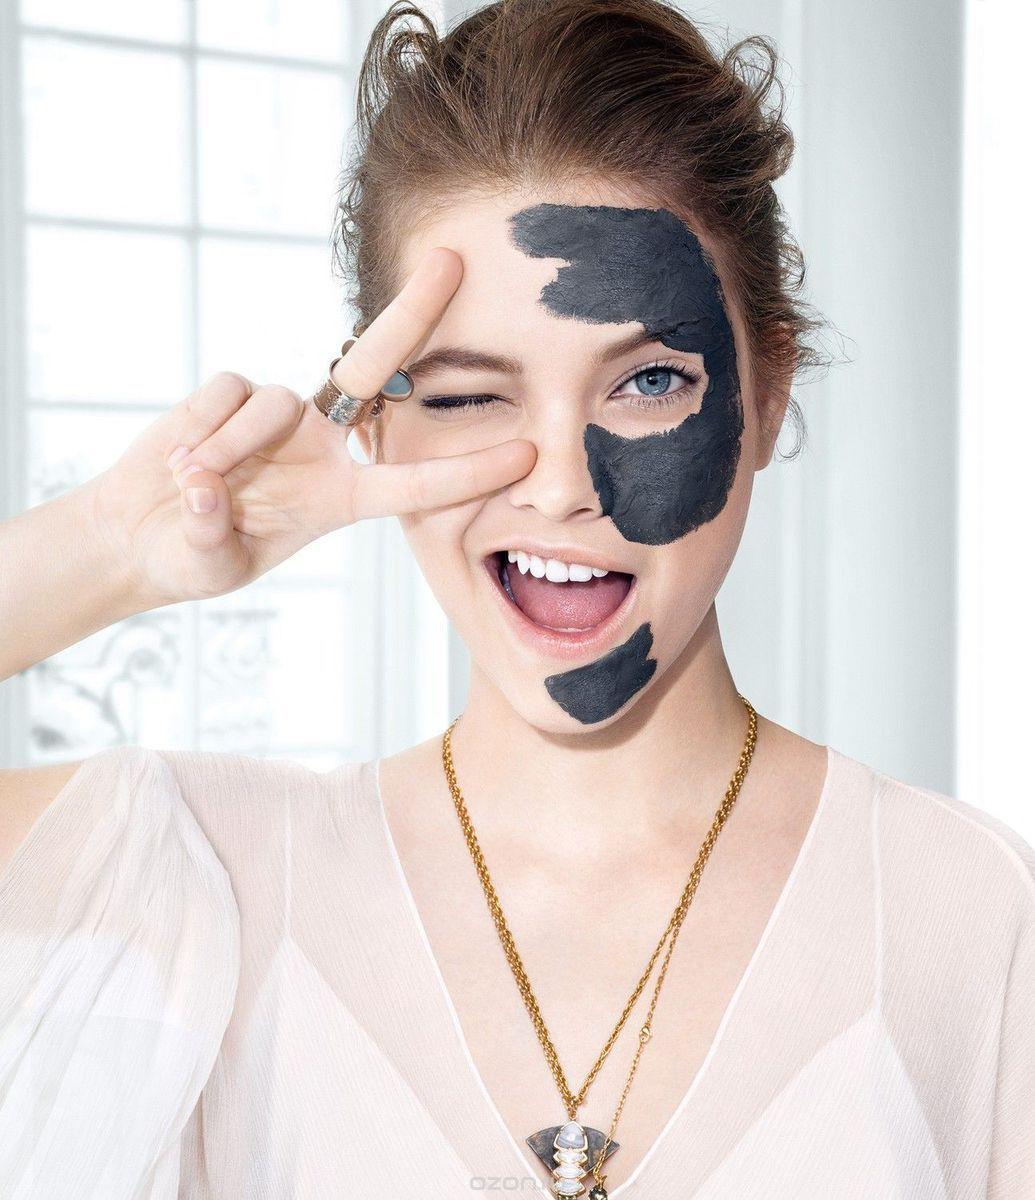 картинка масок для лица подборка качественных открыток